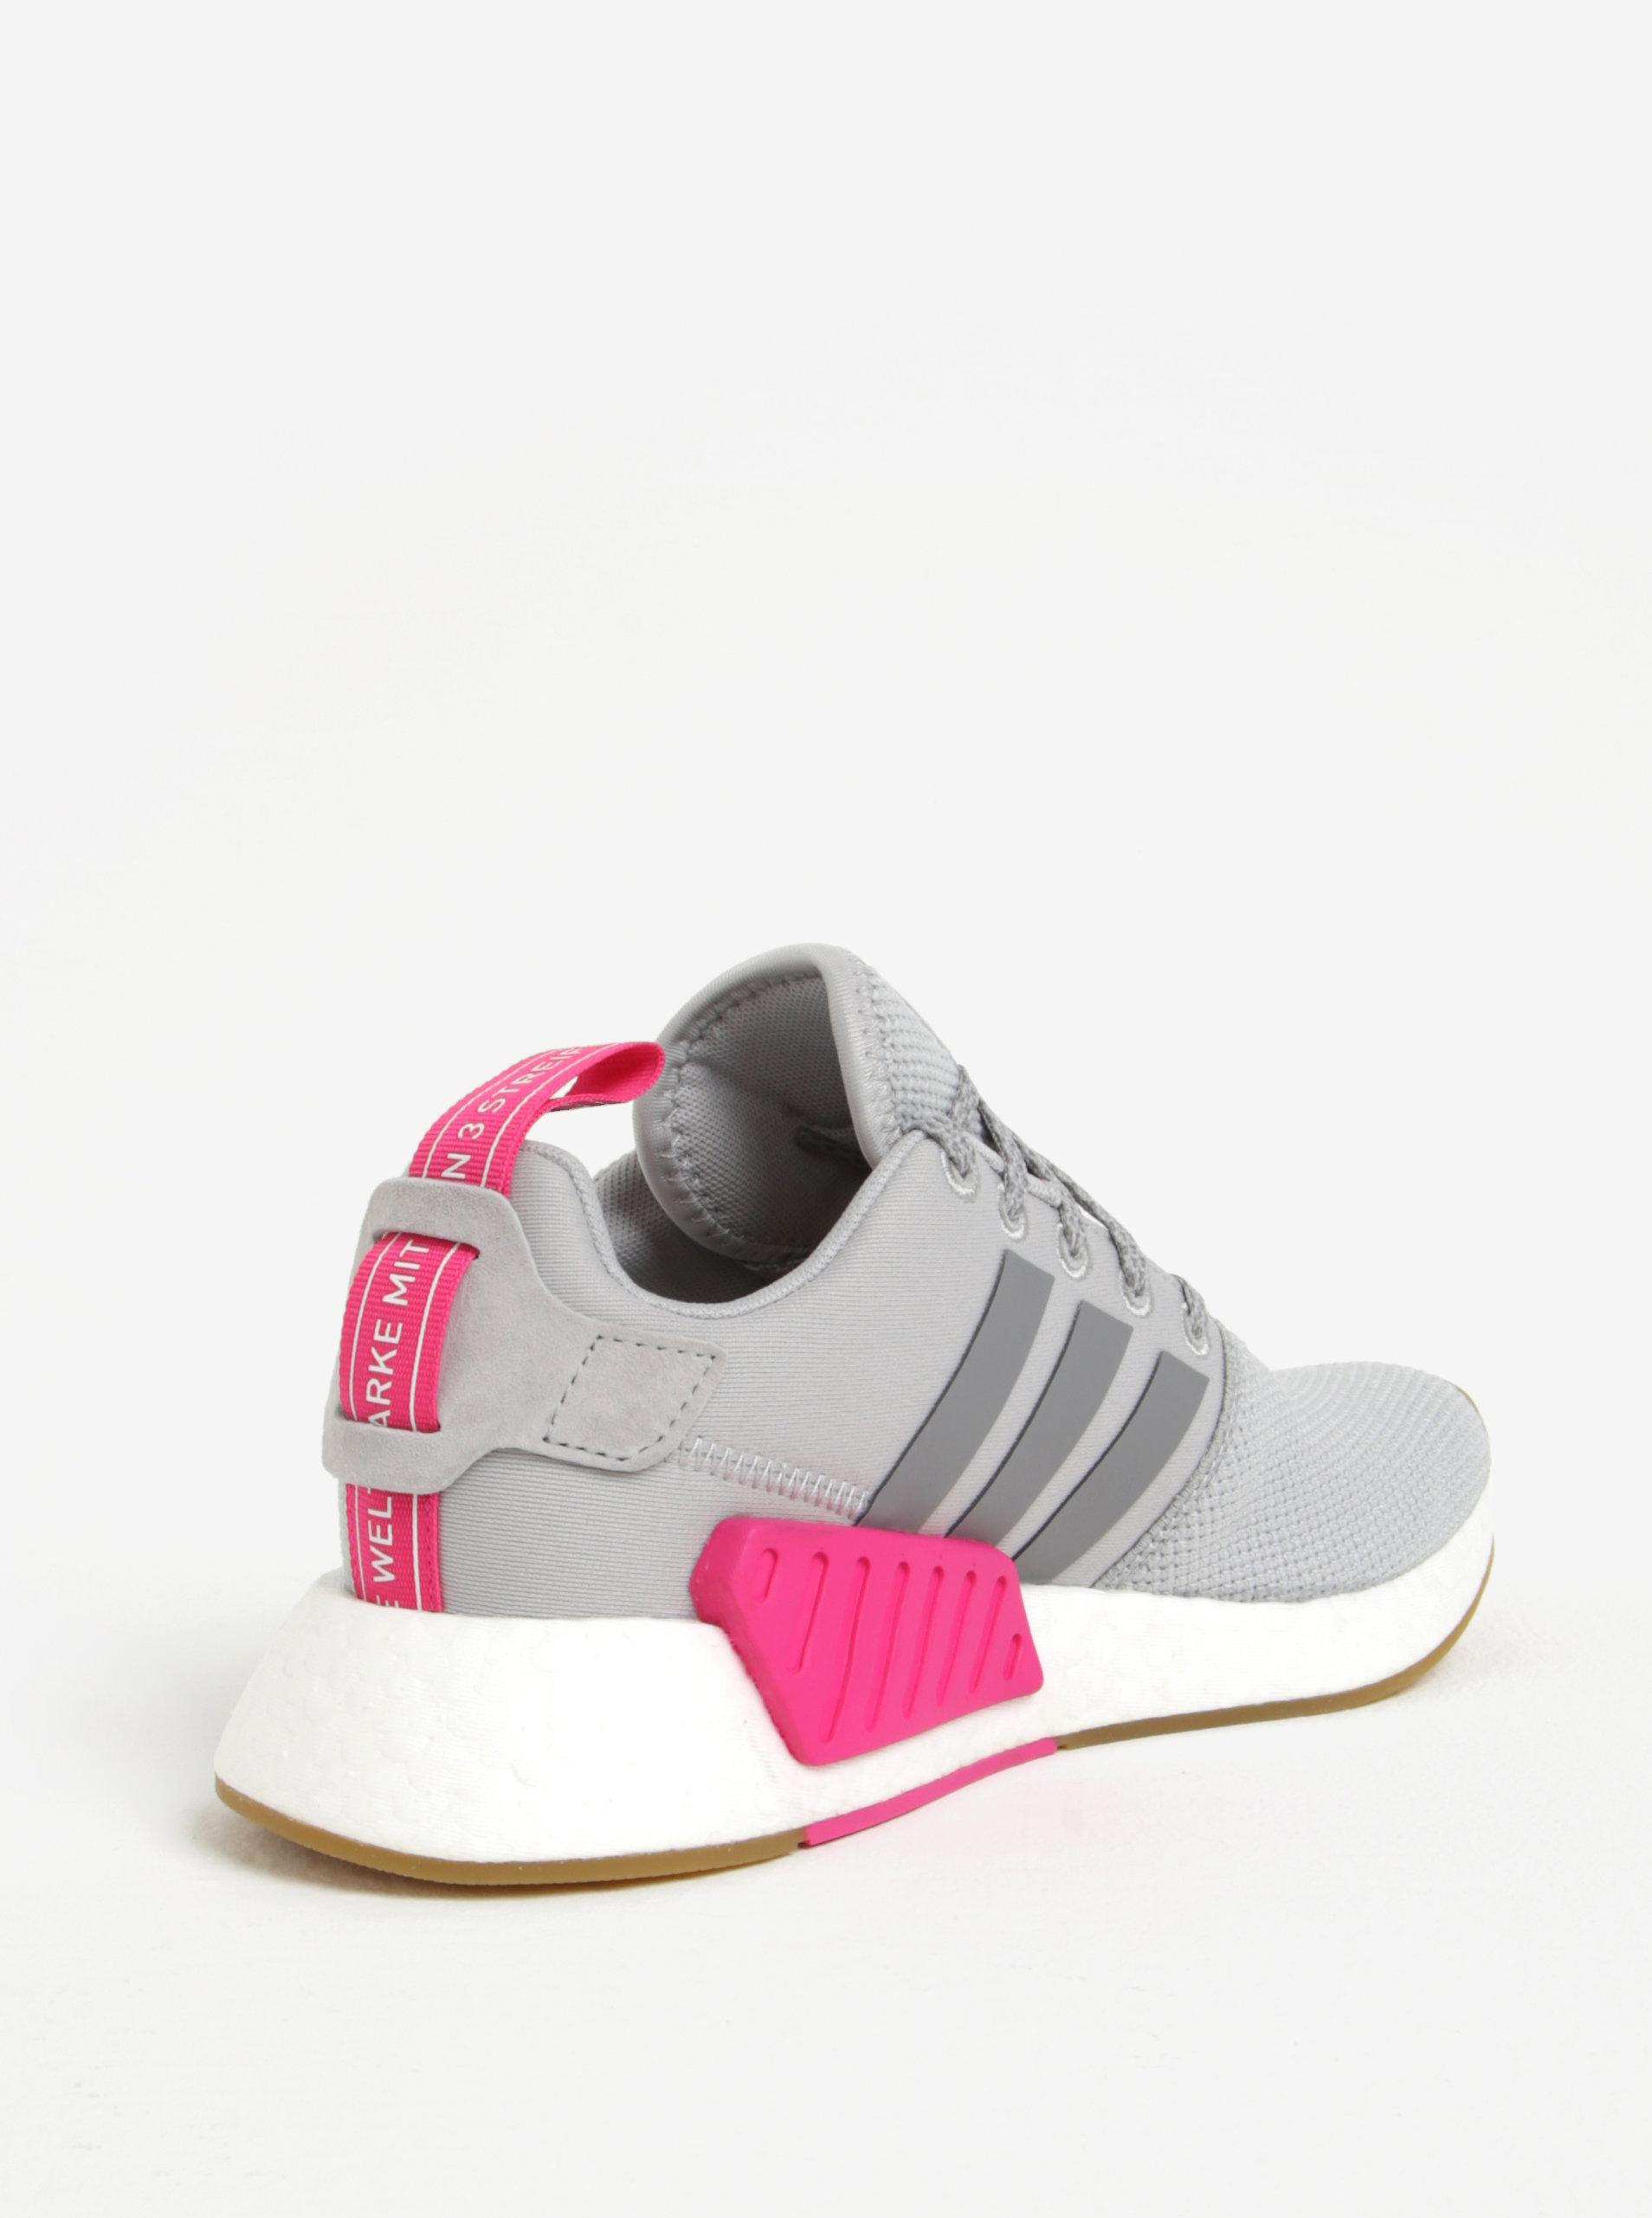 c2c78b5e6dd ... Světle šedé dámské tenisky se semišovými detaily adidas Originals NMD  R2 ...